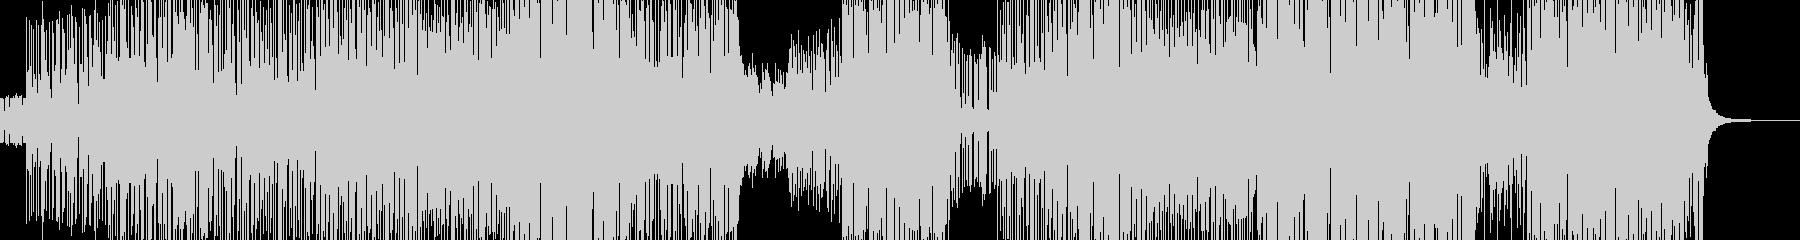 ユメカワなデジピコポップスの未再生の波形